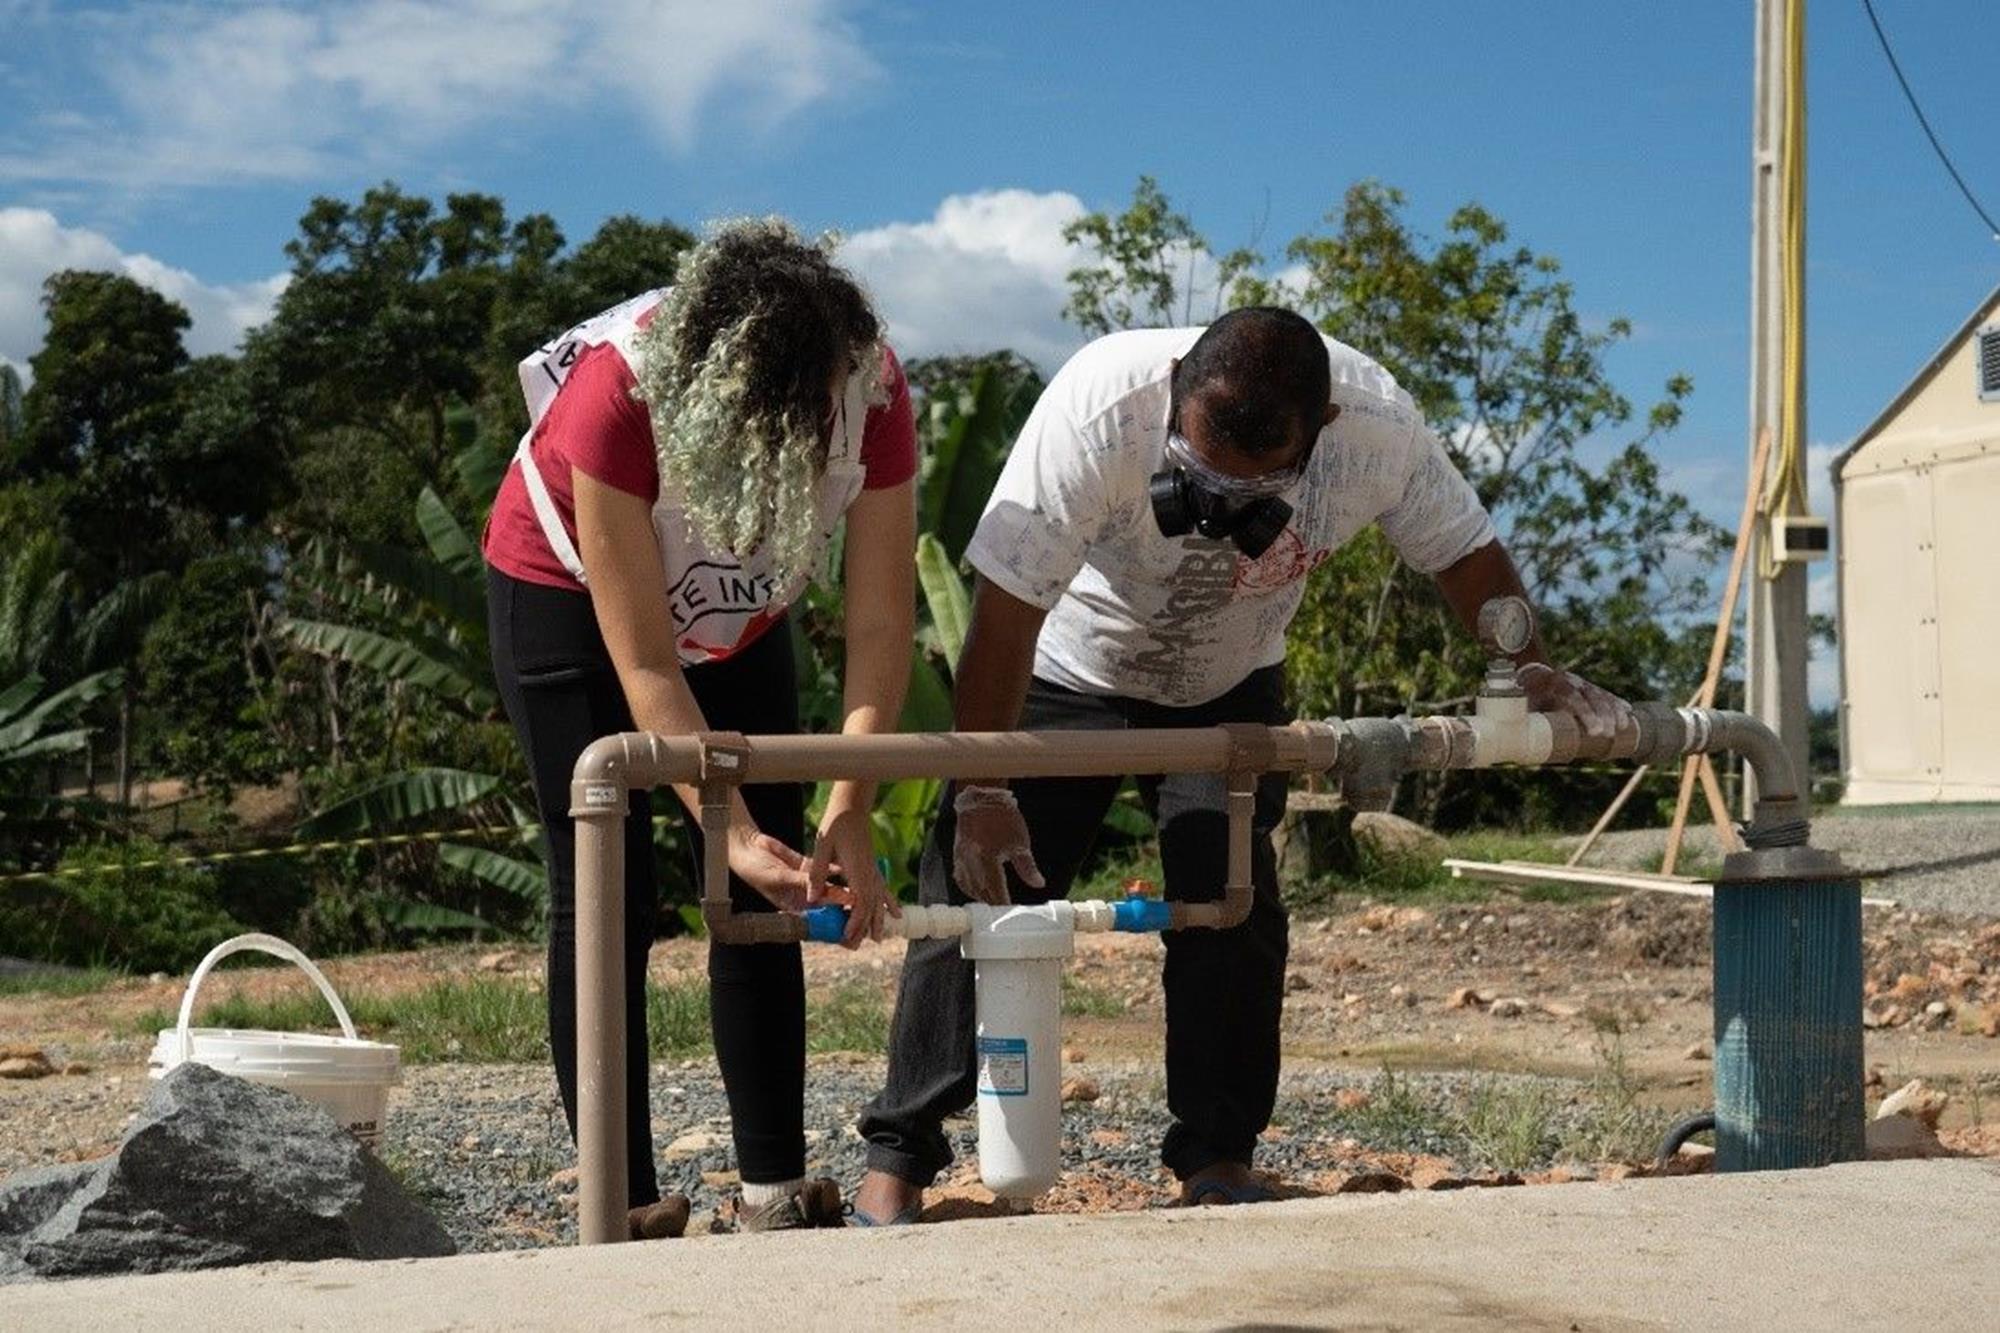 Migrantes utilizam o sistema de abastecimento de água do CICV em Pacaraima. , Crédito: B. Mast/CICV, Desafio da Marel destina recursos à Cruz Vermelha no Brasil, Desafio da Marel destina recursos à Cruz Vermelha no Brasil